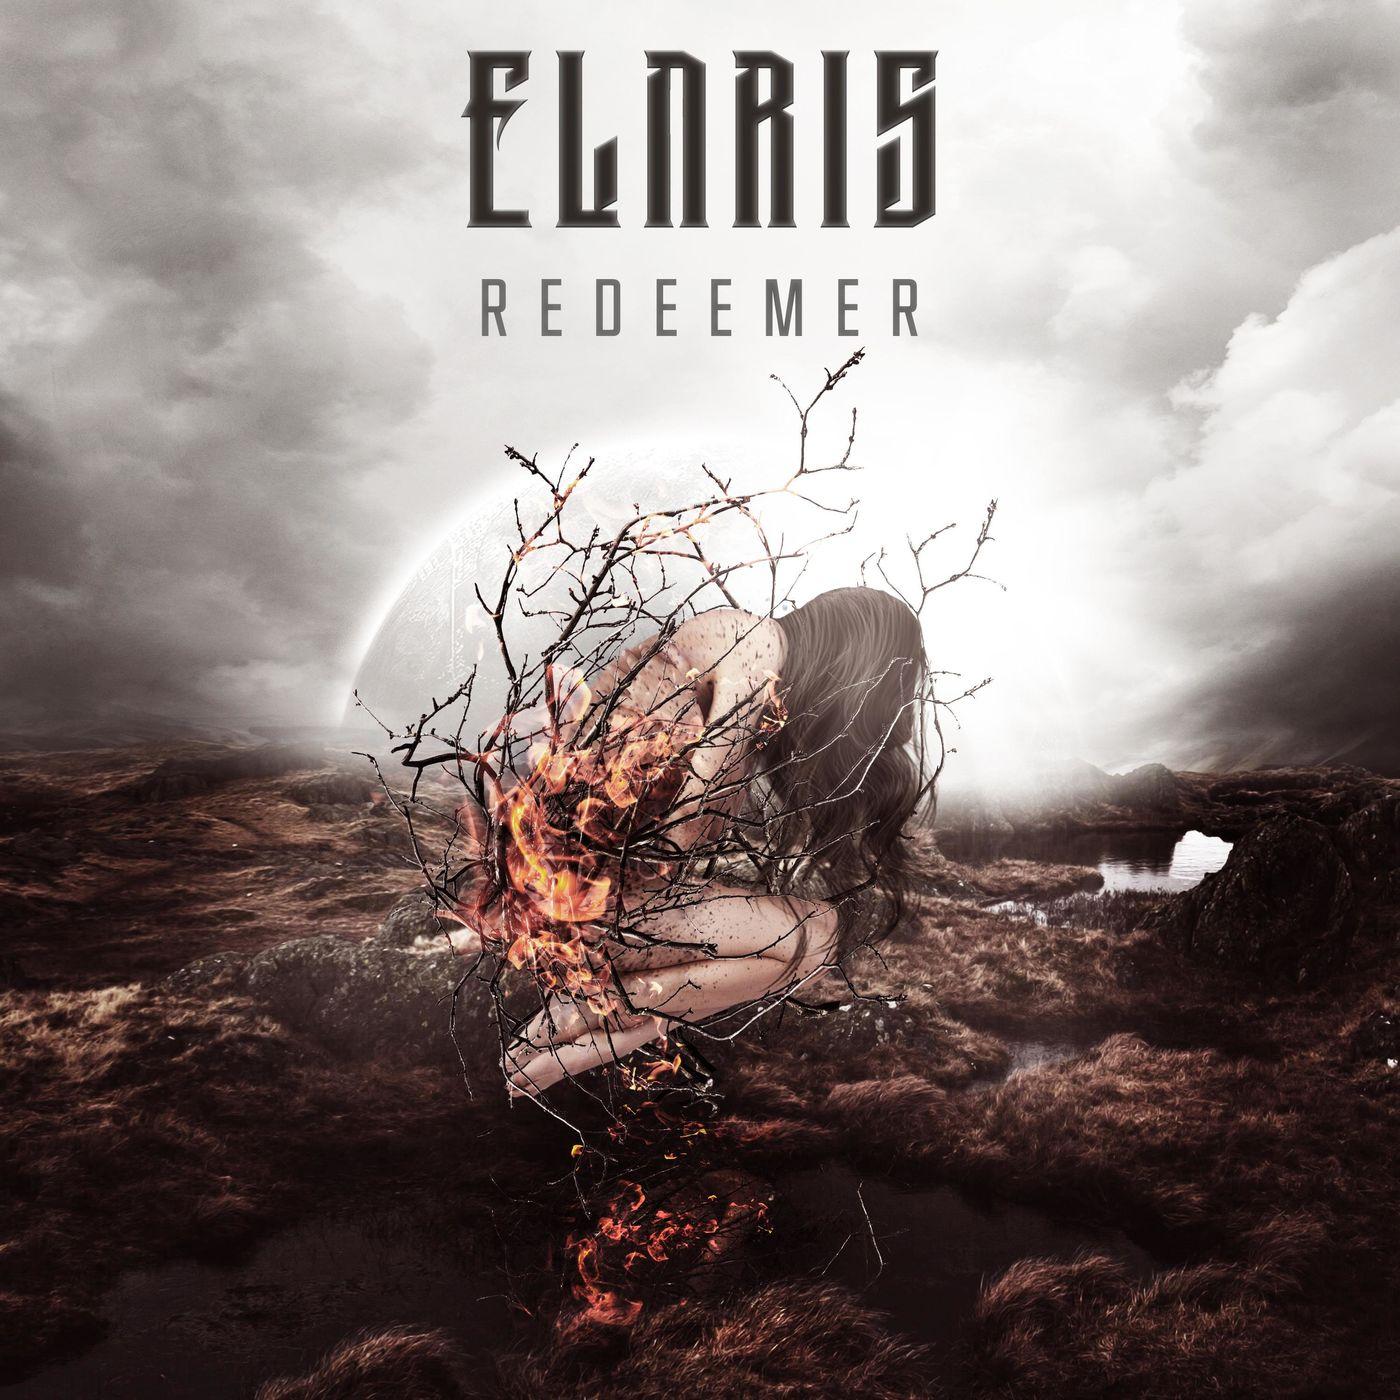 Elaris - Redeemer [EP] (2020)